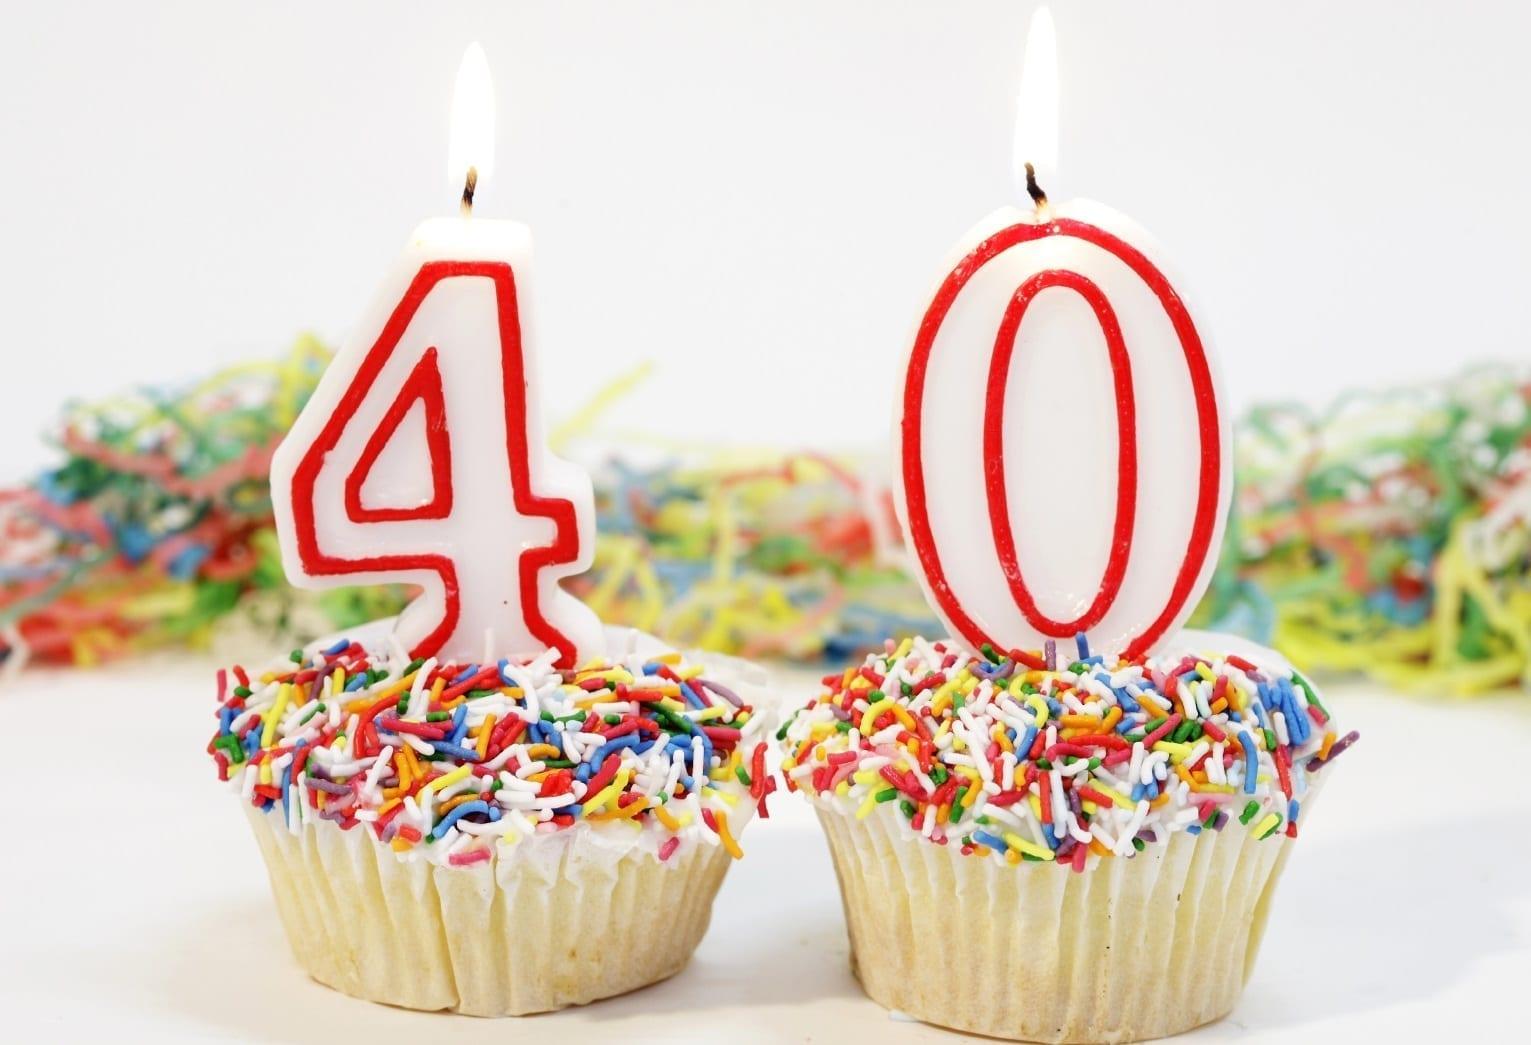 Поздравление с юбилеем 40 лет